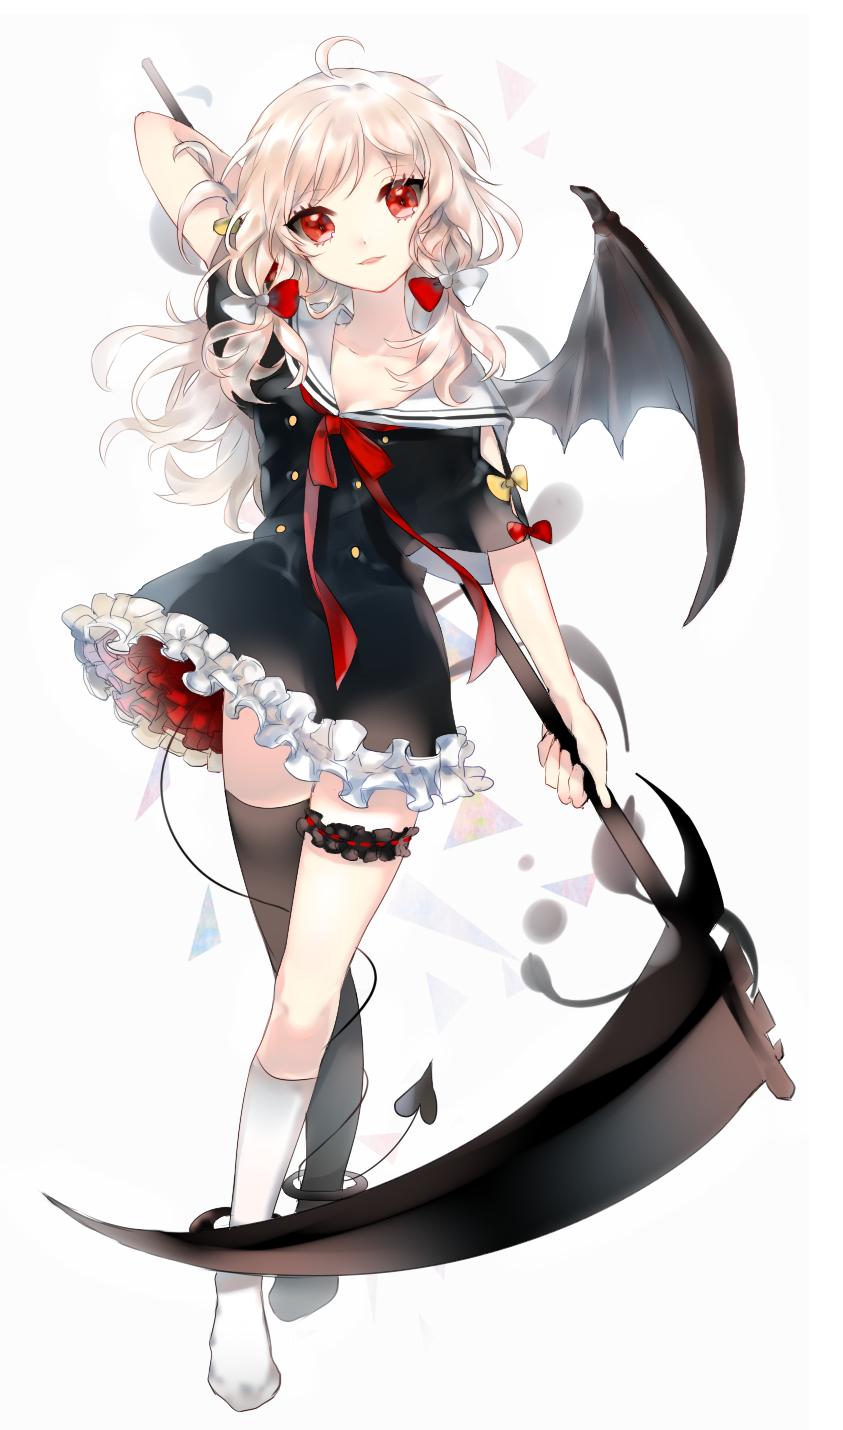 Pin On Anime Demons